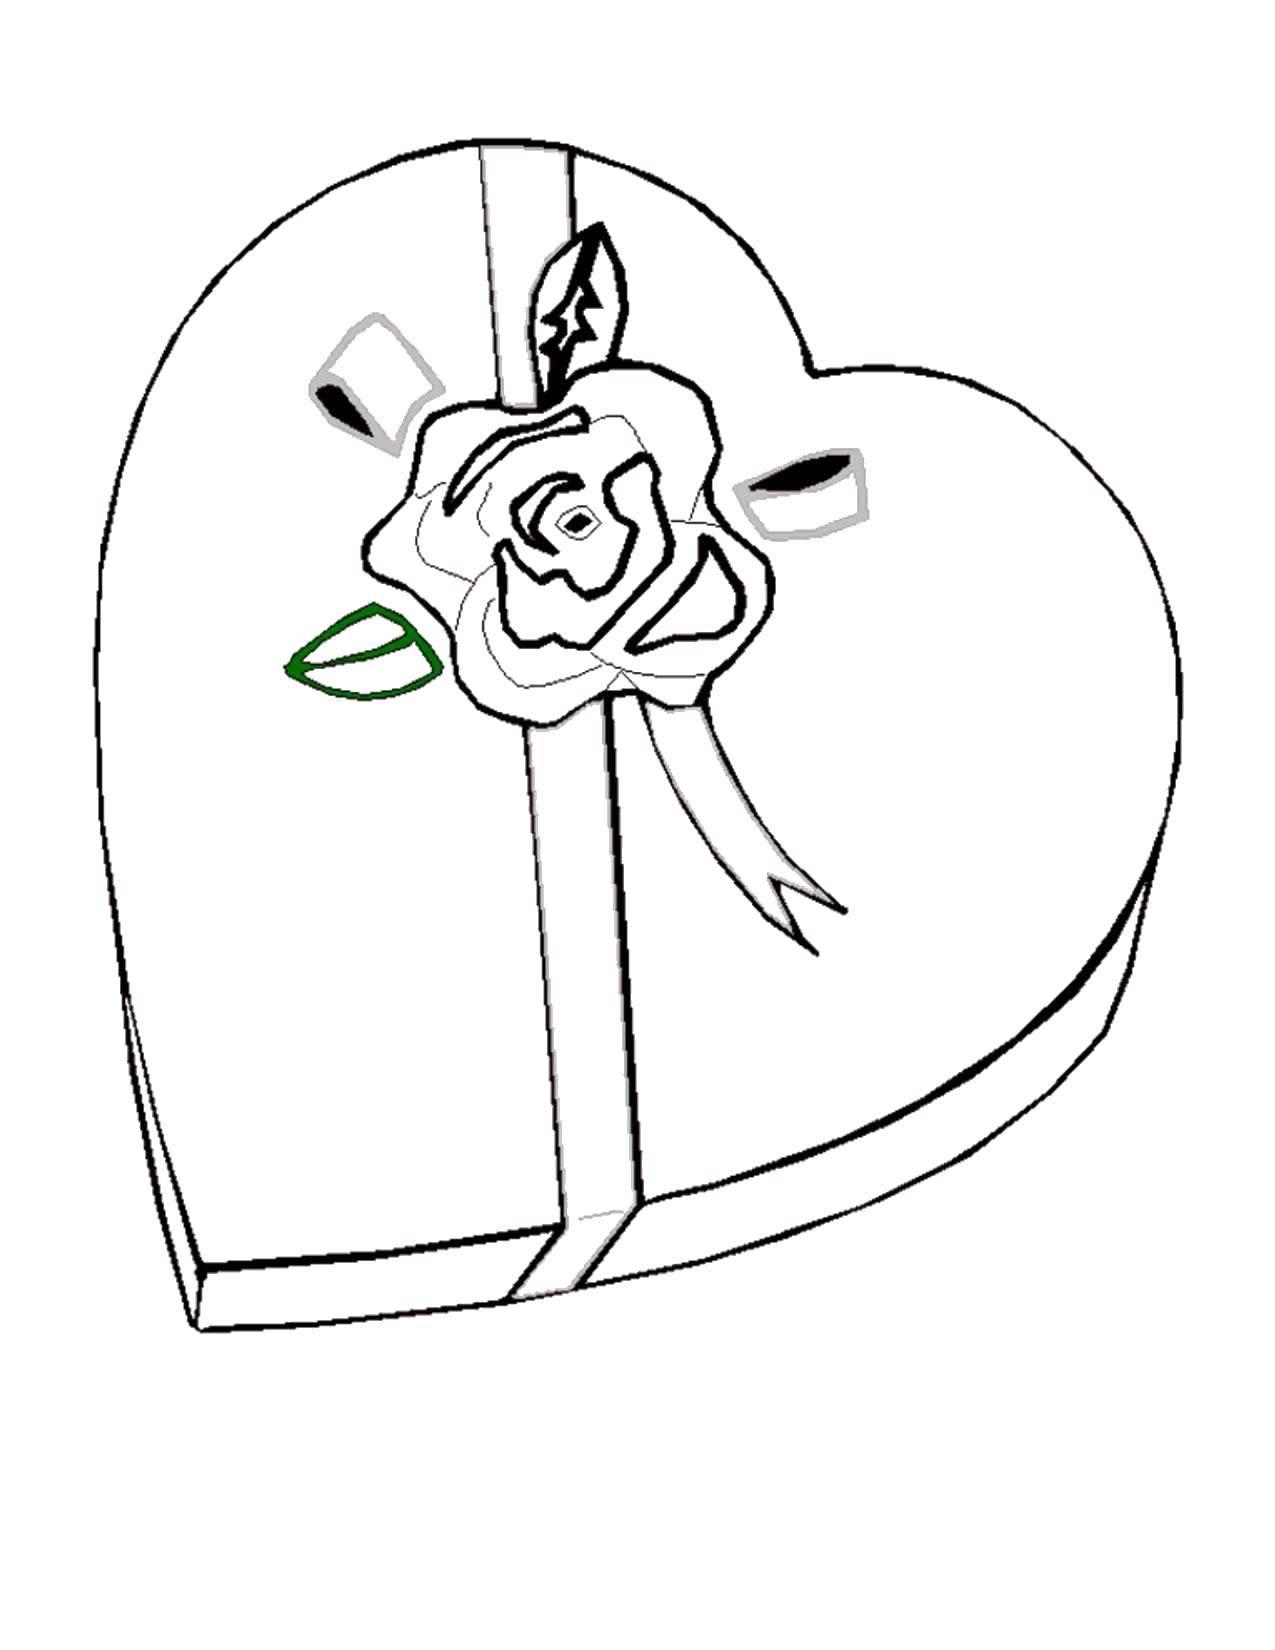 Раскраска Коробка с бантом. Скачать день святого Валентина, сердечко, коробка.  Распечатать ,День святого валентина,